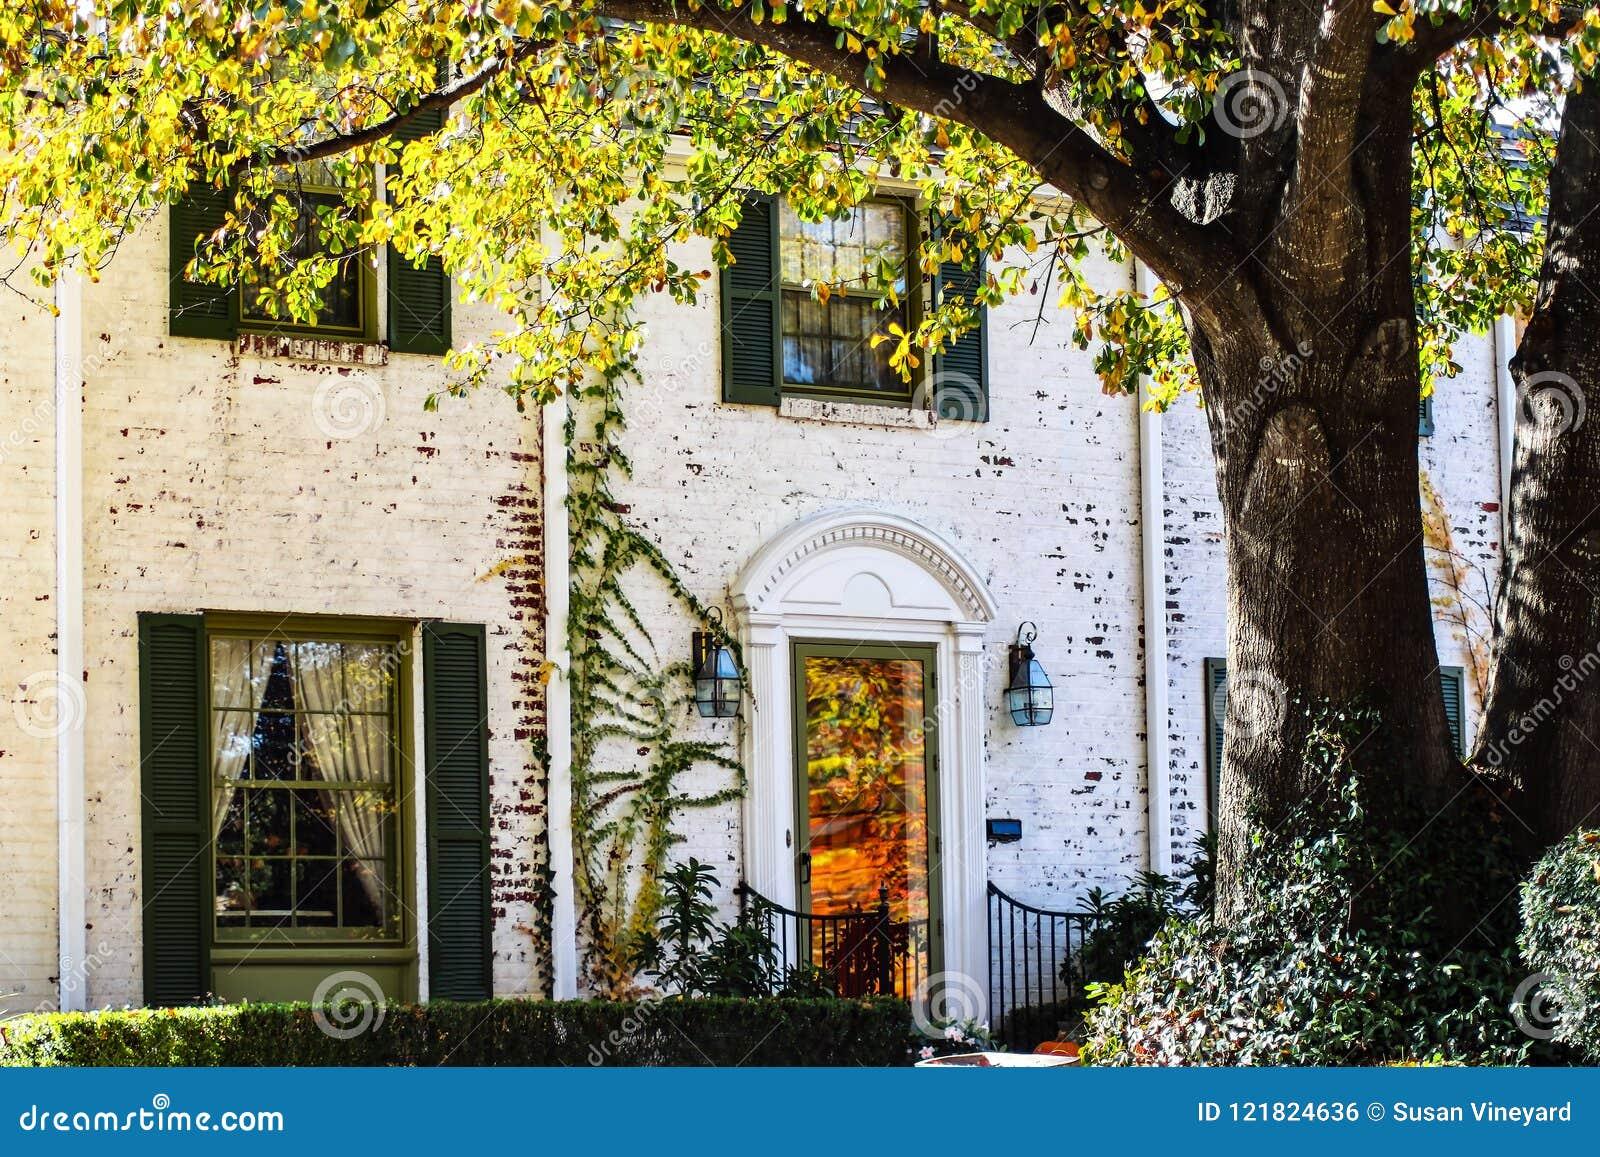 El detalle de la casa pintada blanco exclusivo de dos pisos del ladrillo con reflexiones de la caída se va en la puerta principal